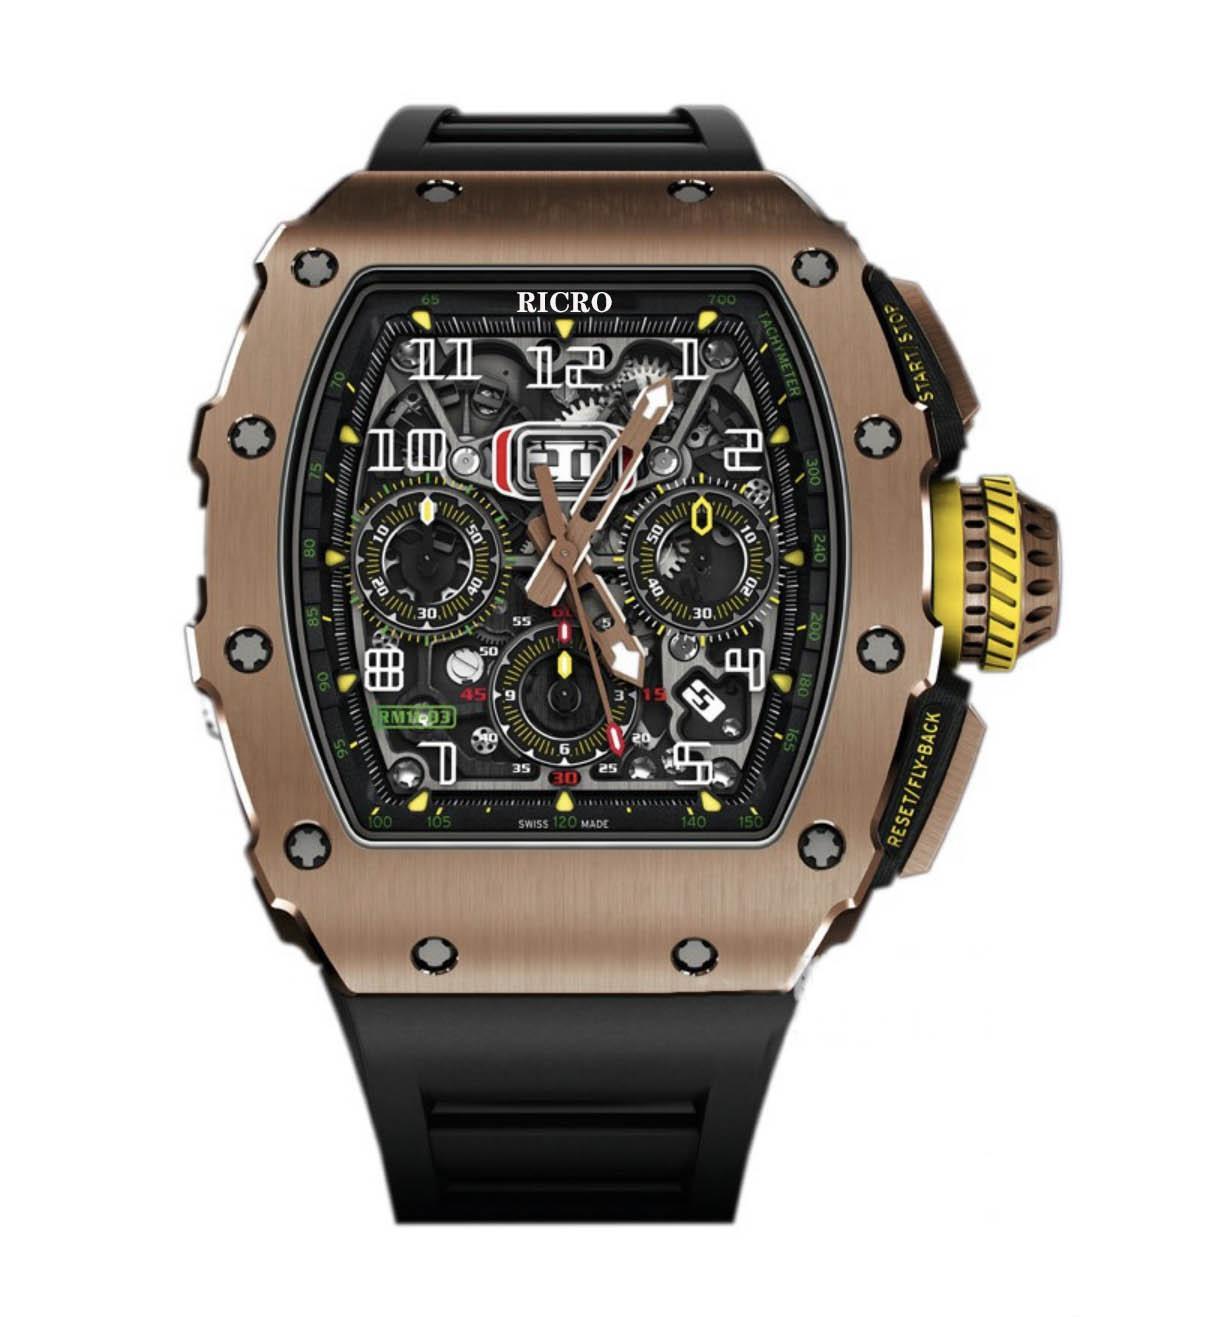 시계 RM11 남성 시계 스테인레스 스틸 케이스, 수입 고무 스트랩, 완전 자동 기계 운동, 스포츠 시계, 도매 및 소매